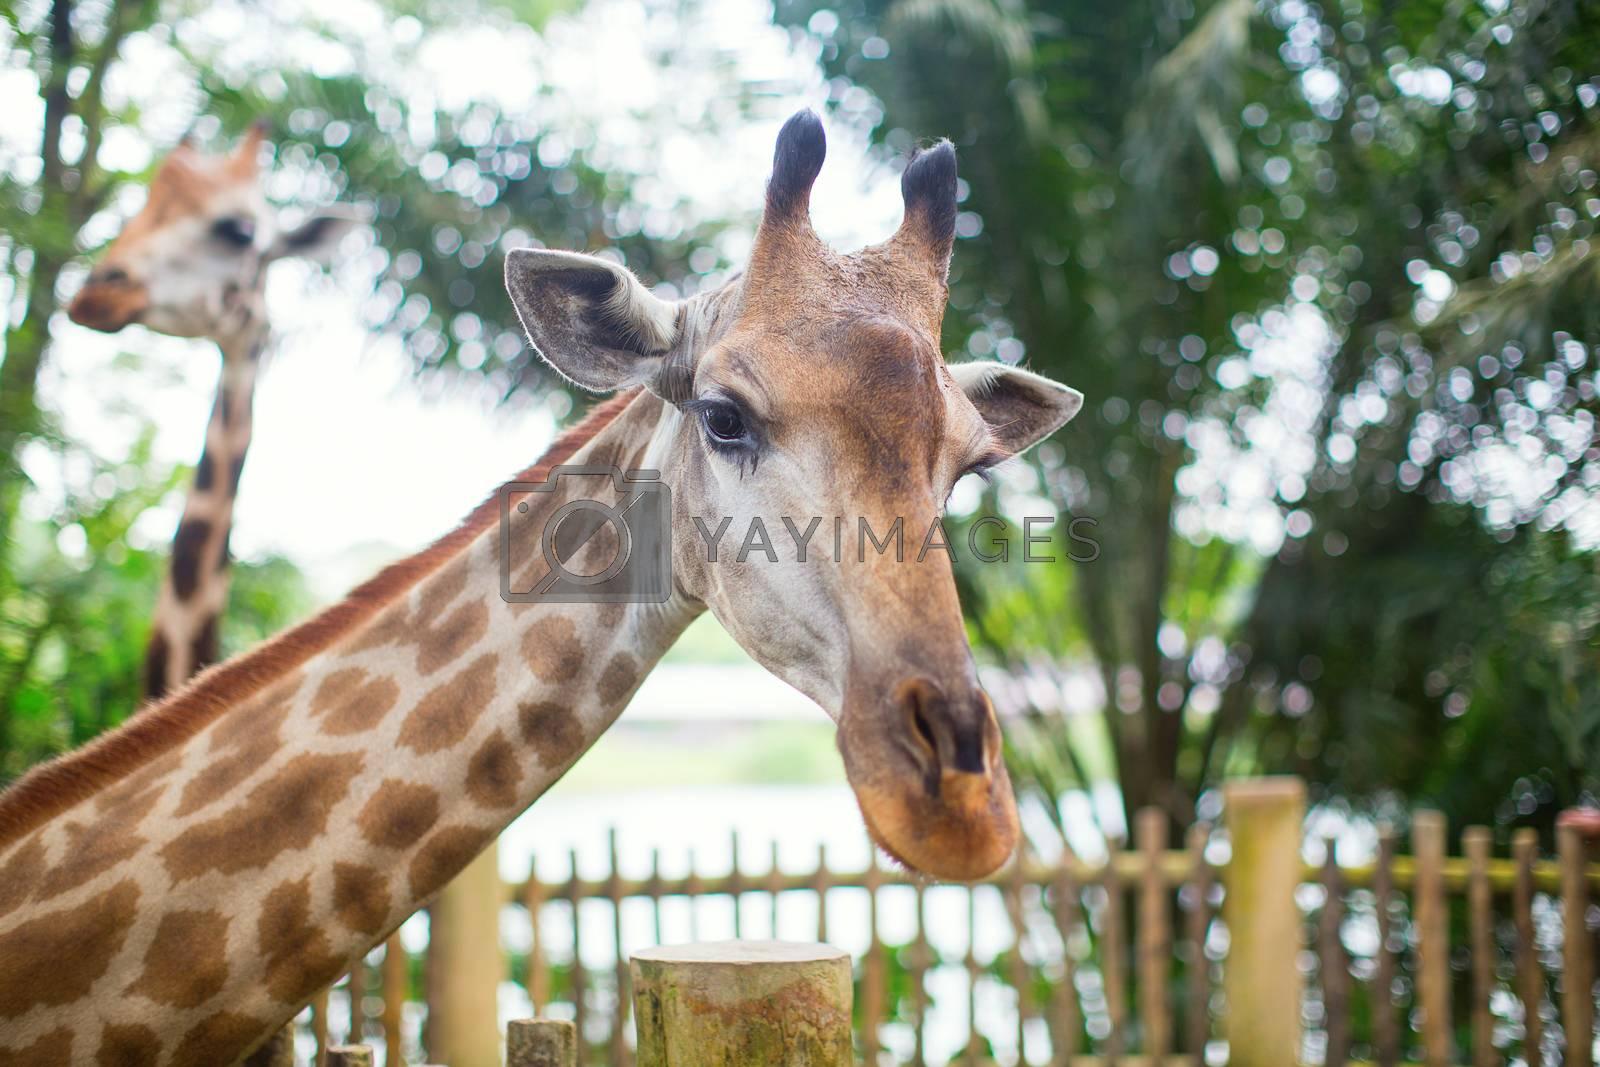 Giraffe in the zoo by jaspe